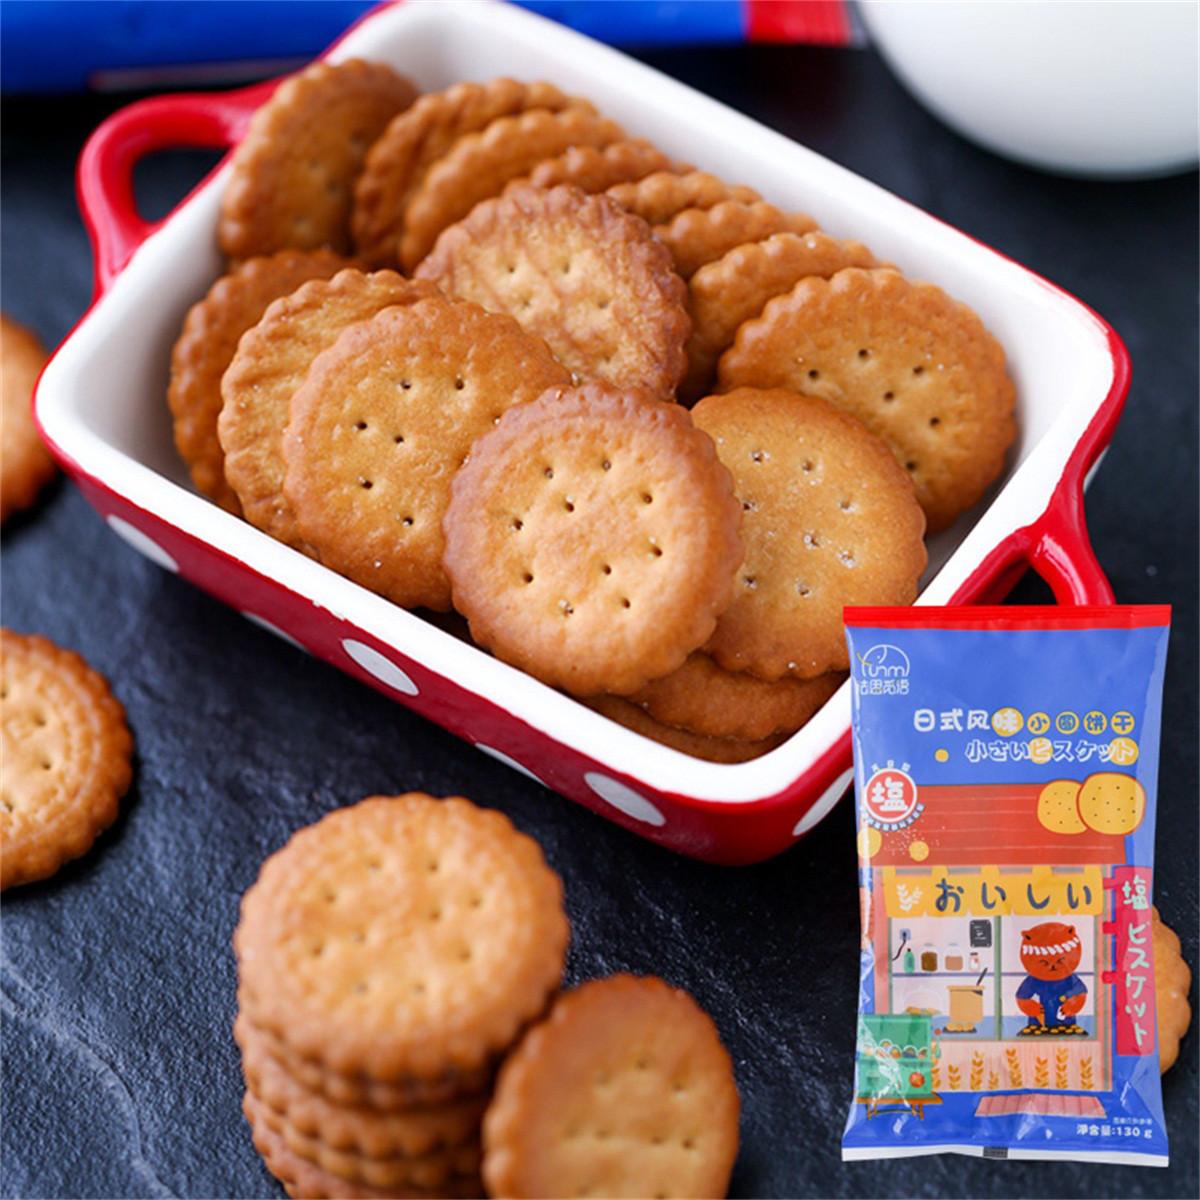 和風细语法思觅语日式小圆饼干休闲网红零食办公室下午茶3袋装COLOR3袋装